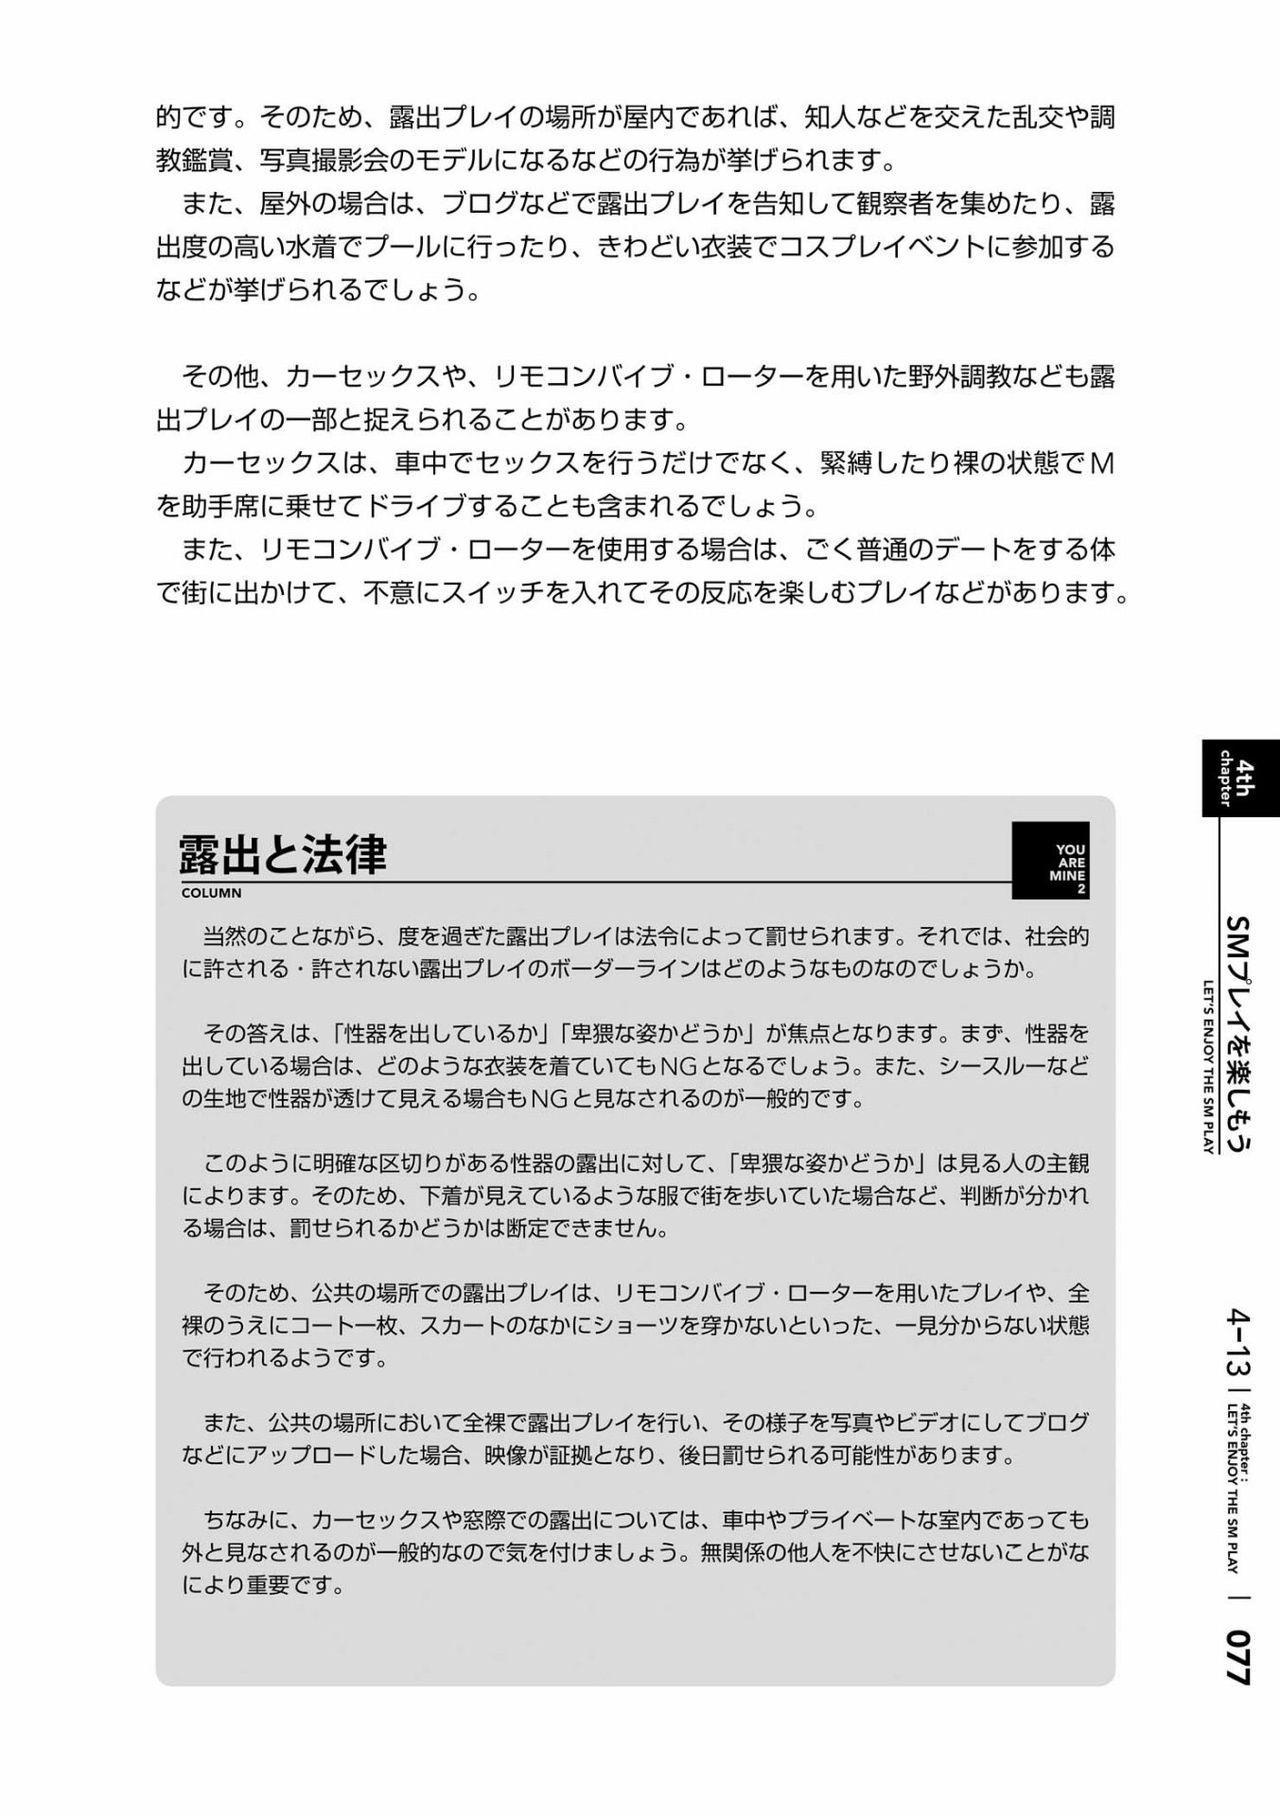 [Mitsuba] Karada mo Kokoro mo Boku no Mono ~Hajimete no SM Guide~ 2 [Digital] 79